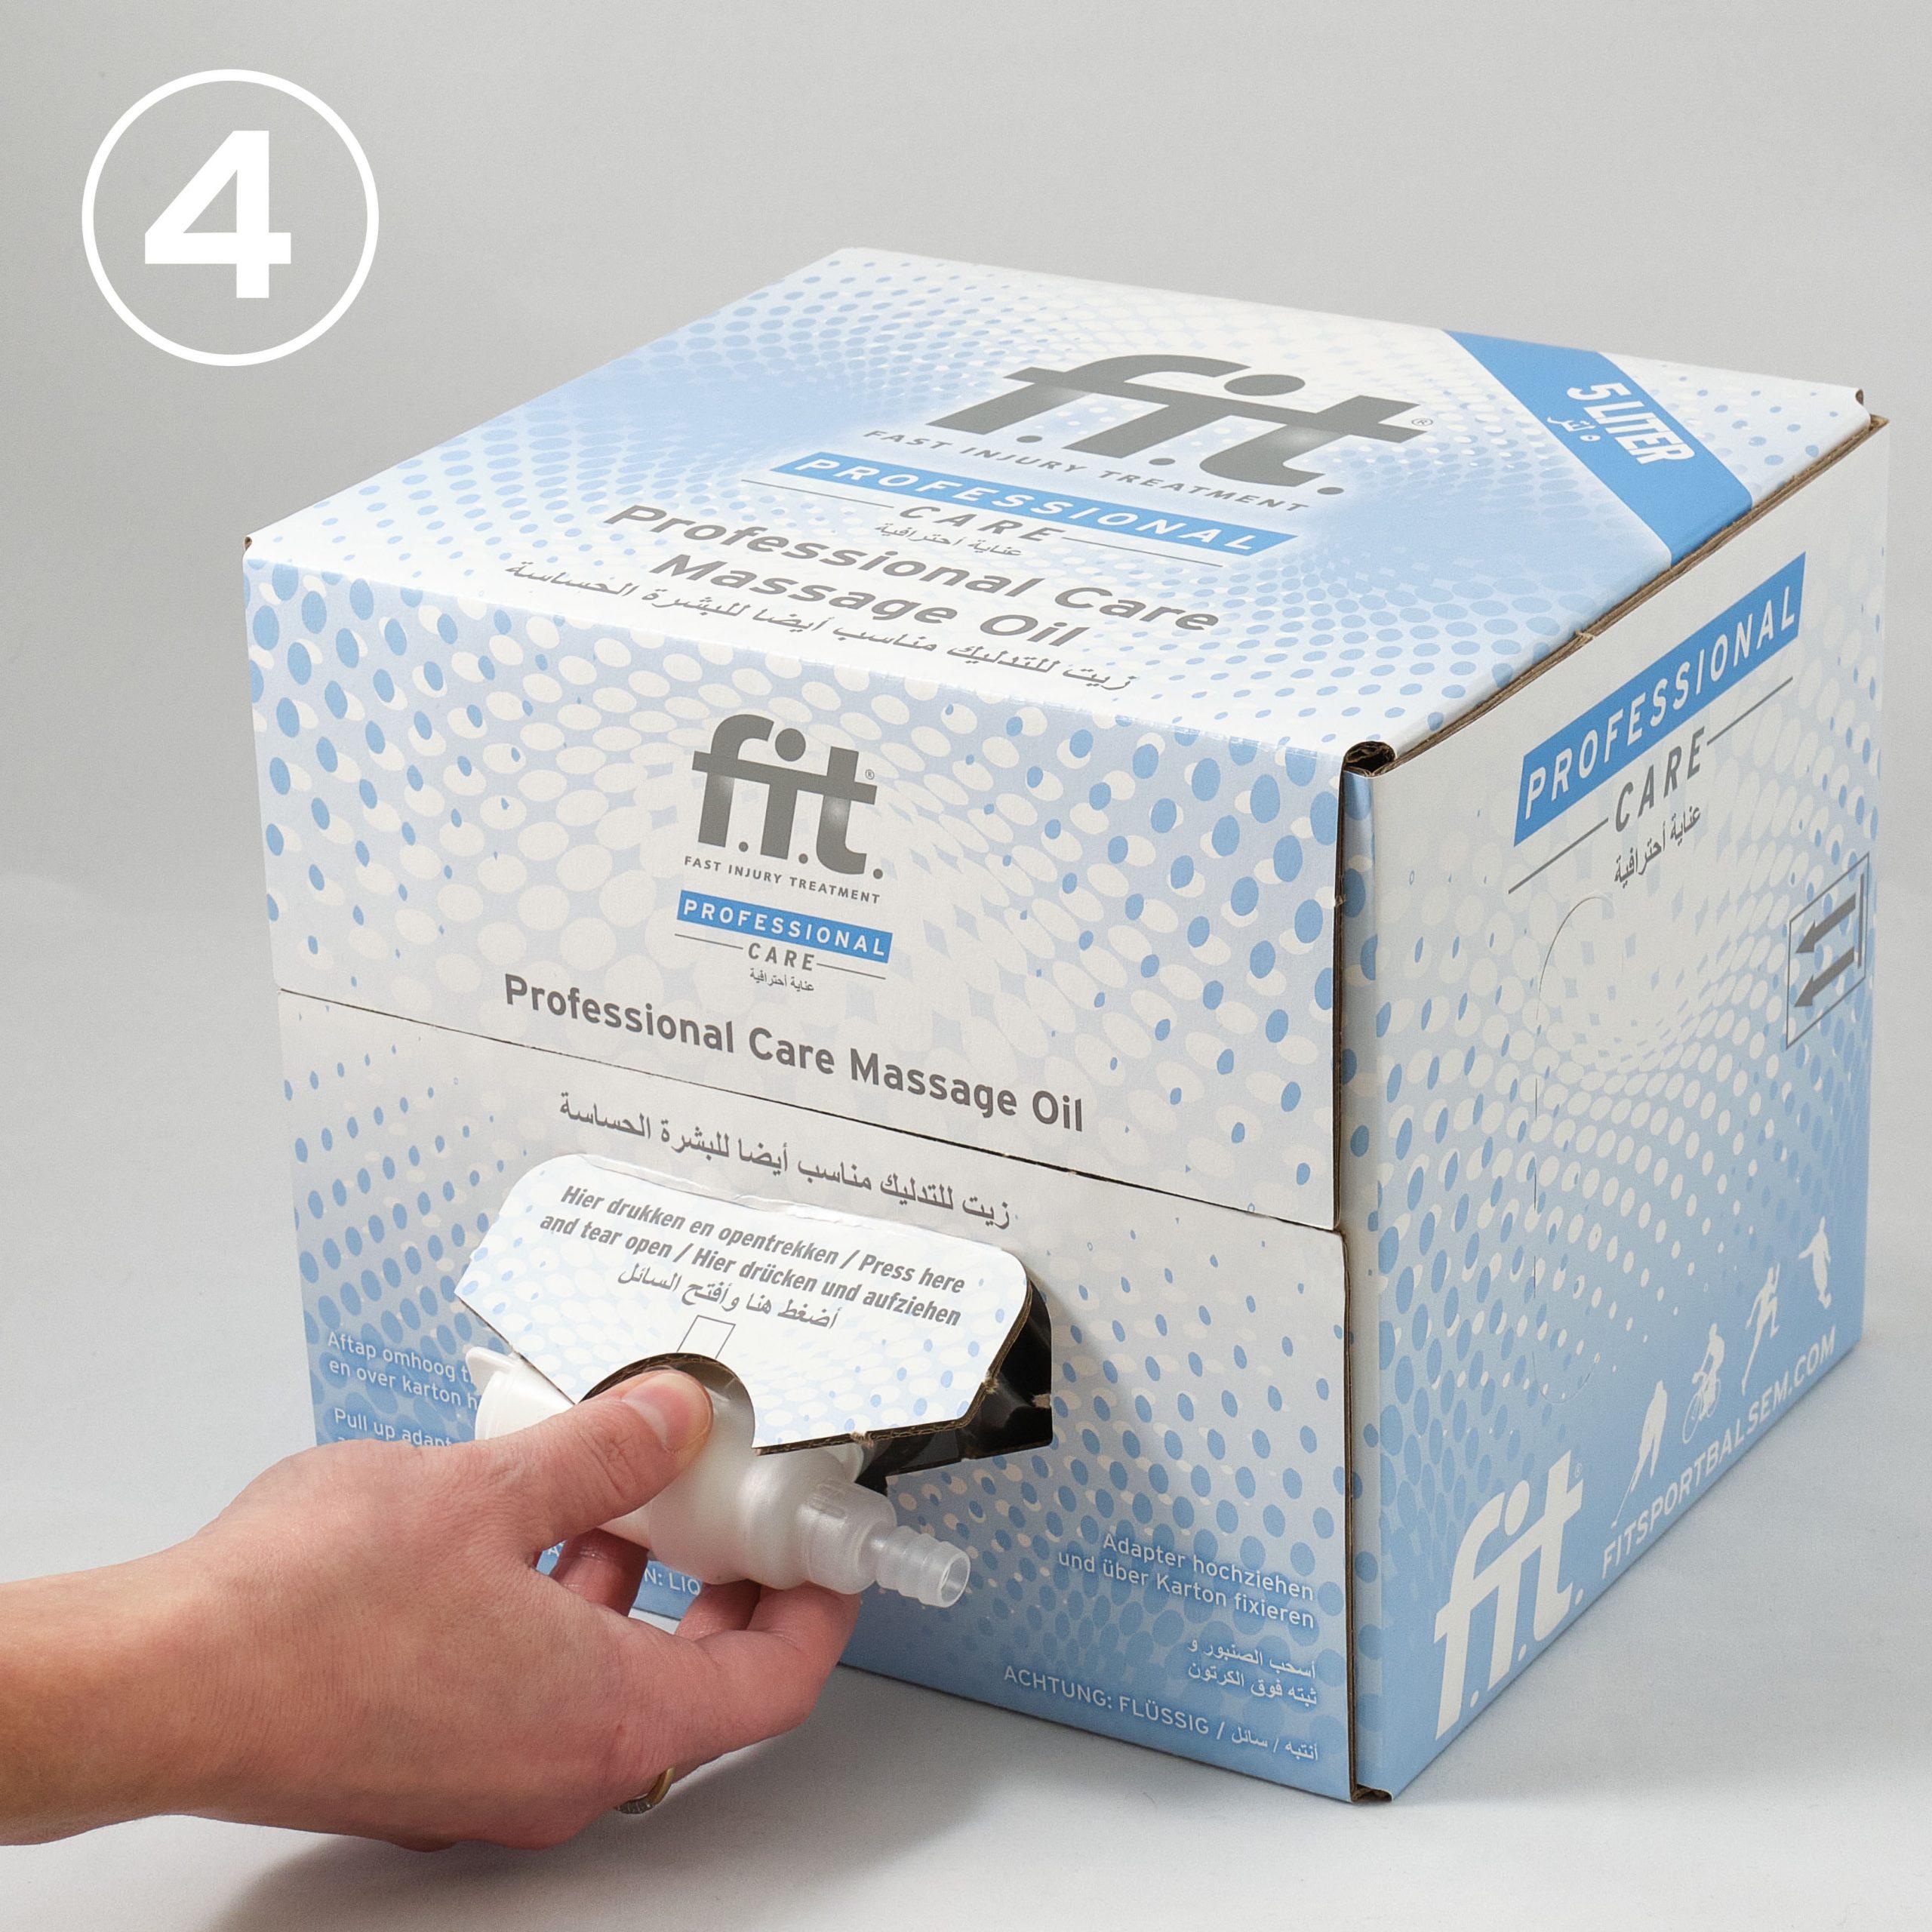 FIT Massageolie 5 liter gebruiksaanwijzing 4